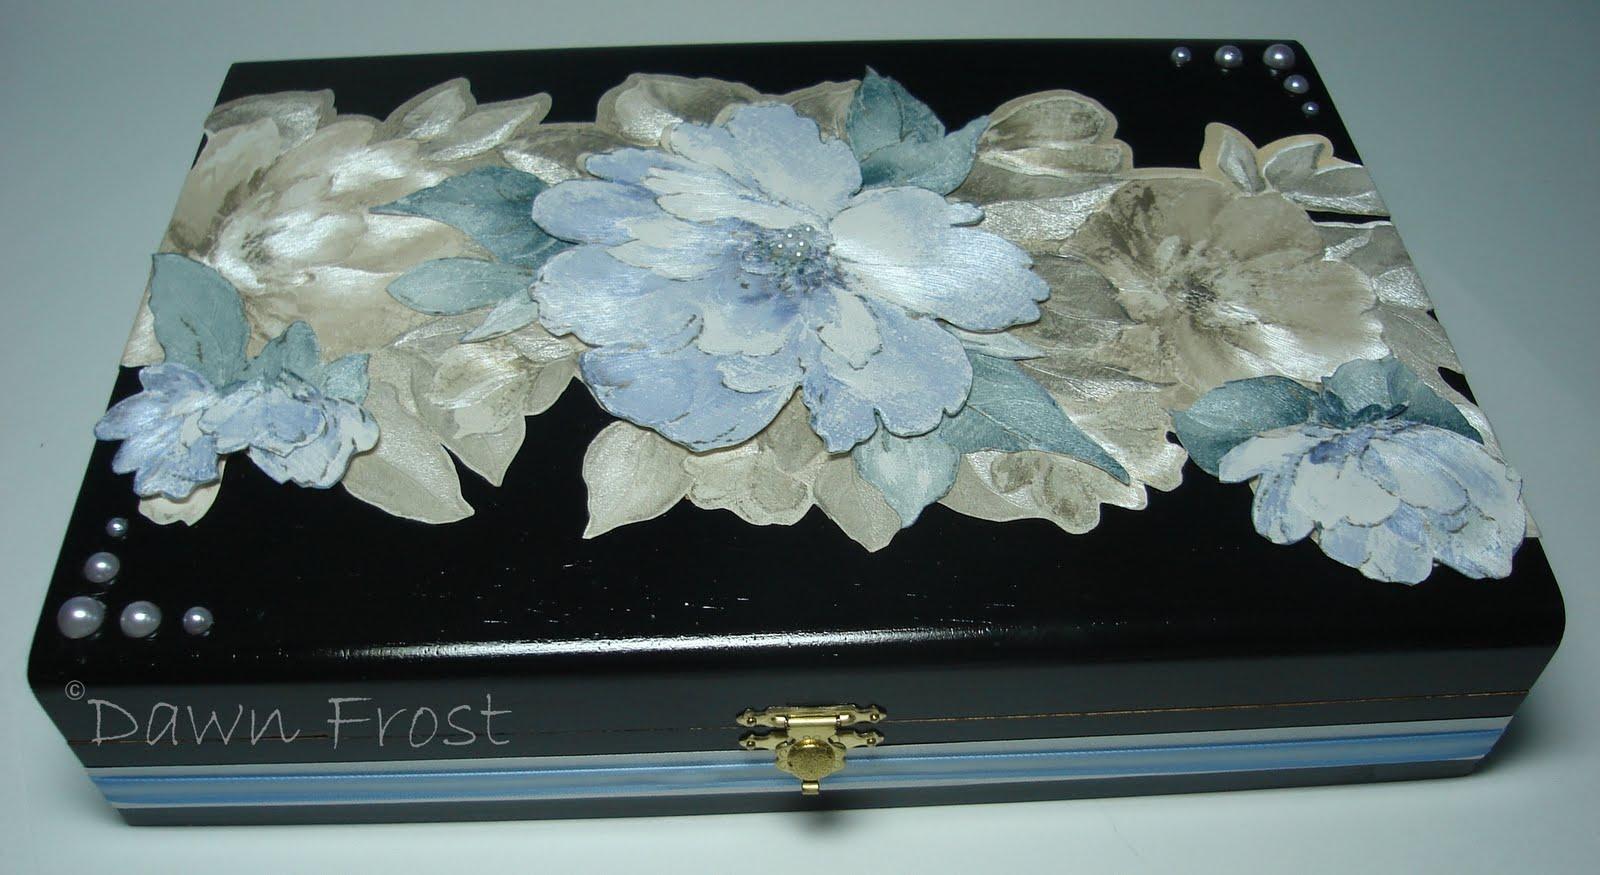 http://4.bp.blogspot.com/_6LffWV_J498/THPUl60__5I/AAAAAAAAA1w/QBv5hxezyYs/s1600/flowered+cigar+box.jpg